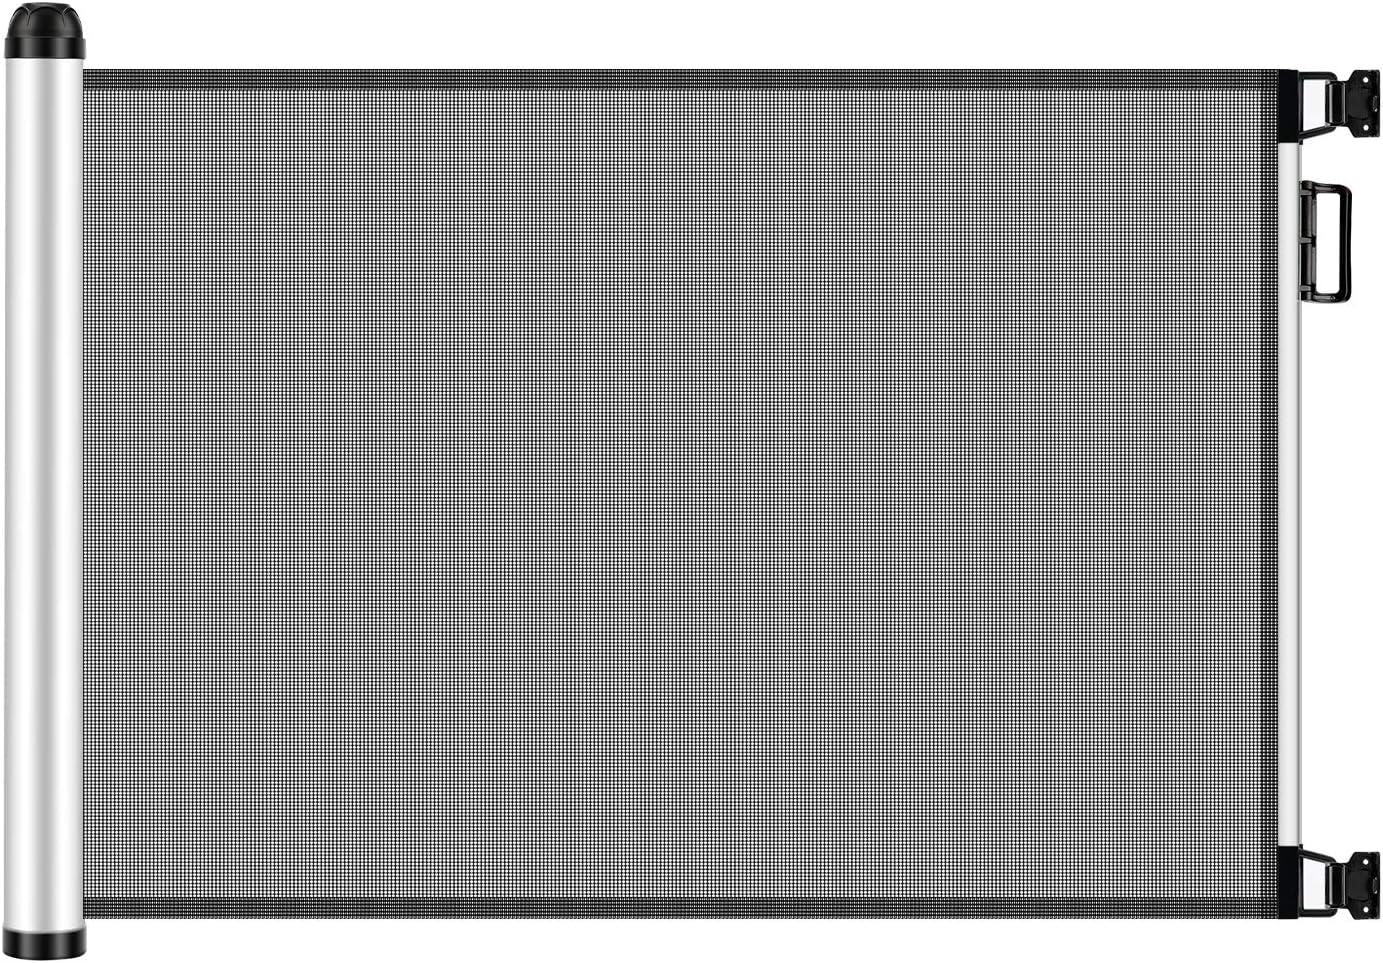 Meinkind Barrera Seguridad Niños Escalera, 0 cm-120 cm * 80 cm Valla Seguridad Infantil Escalera, Retráctil Puerta Enrollable Bebe, Puerta Seguridad Bebe y Mascota, Barrera Escalera Bebe, gris